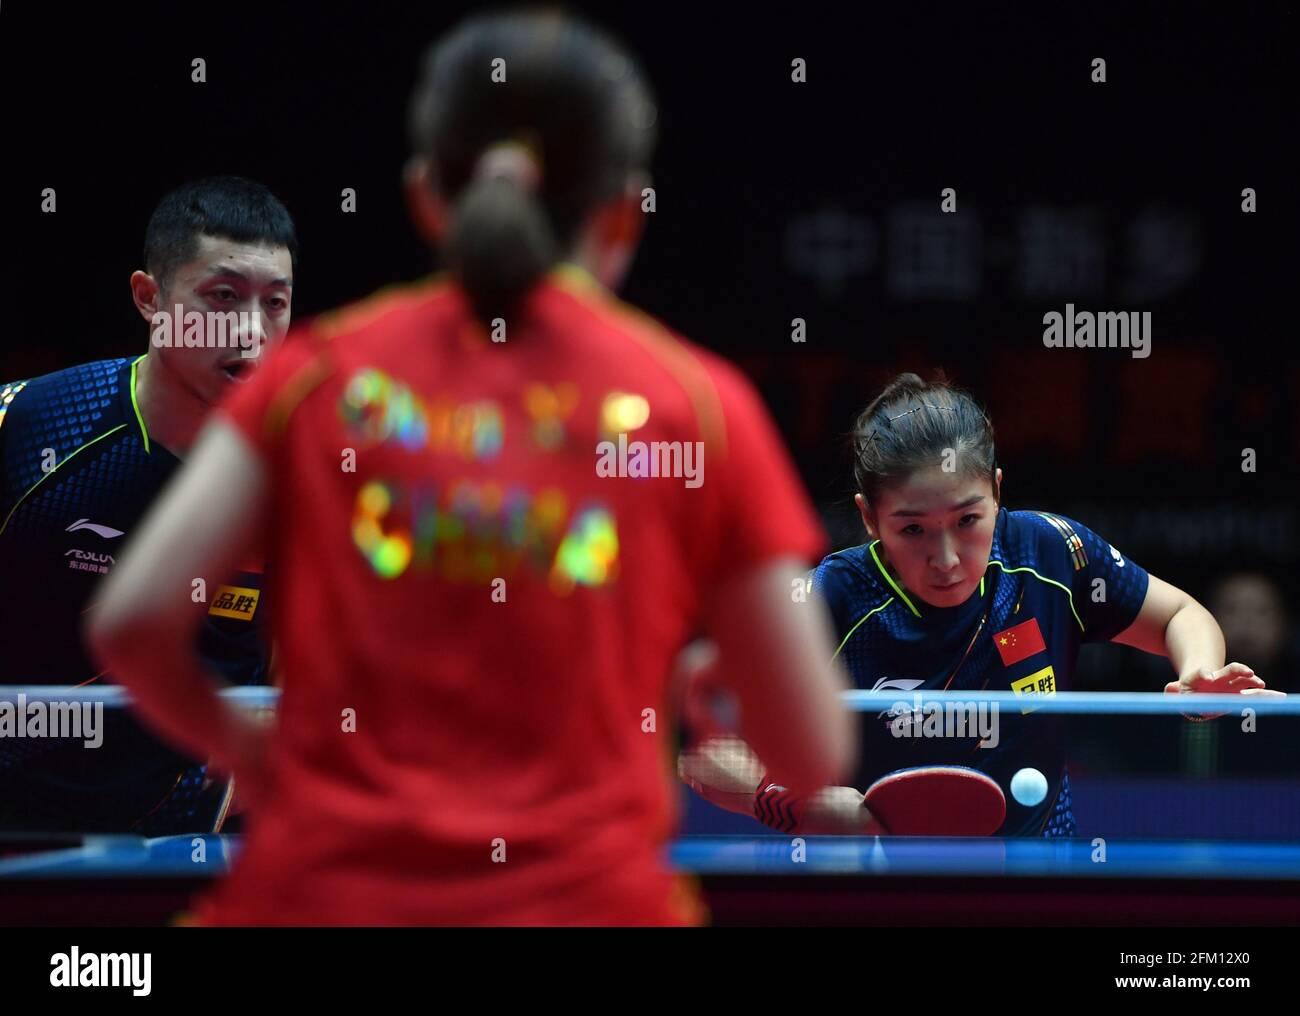 Xinxiang, province chinoise du Henan. 5 mai 2021. Xu Xin/Liu Shiwen (R) concourt lors du quart de finale mixte de doubles entre Xu Xin/Liu Shiwen et Zhou Yu/Chen Xingtong lors des essais de Grand smashes de WTT (World Table tennis) de 2021 et de la simulation olympique à Xinxiang, dans la province de Henan, au centre de la Chine, le 5 mai 2021. Credit: Li Jianan/Xinhua/Alamy Live News Banque D'Images